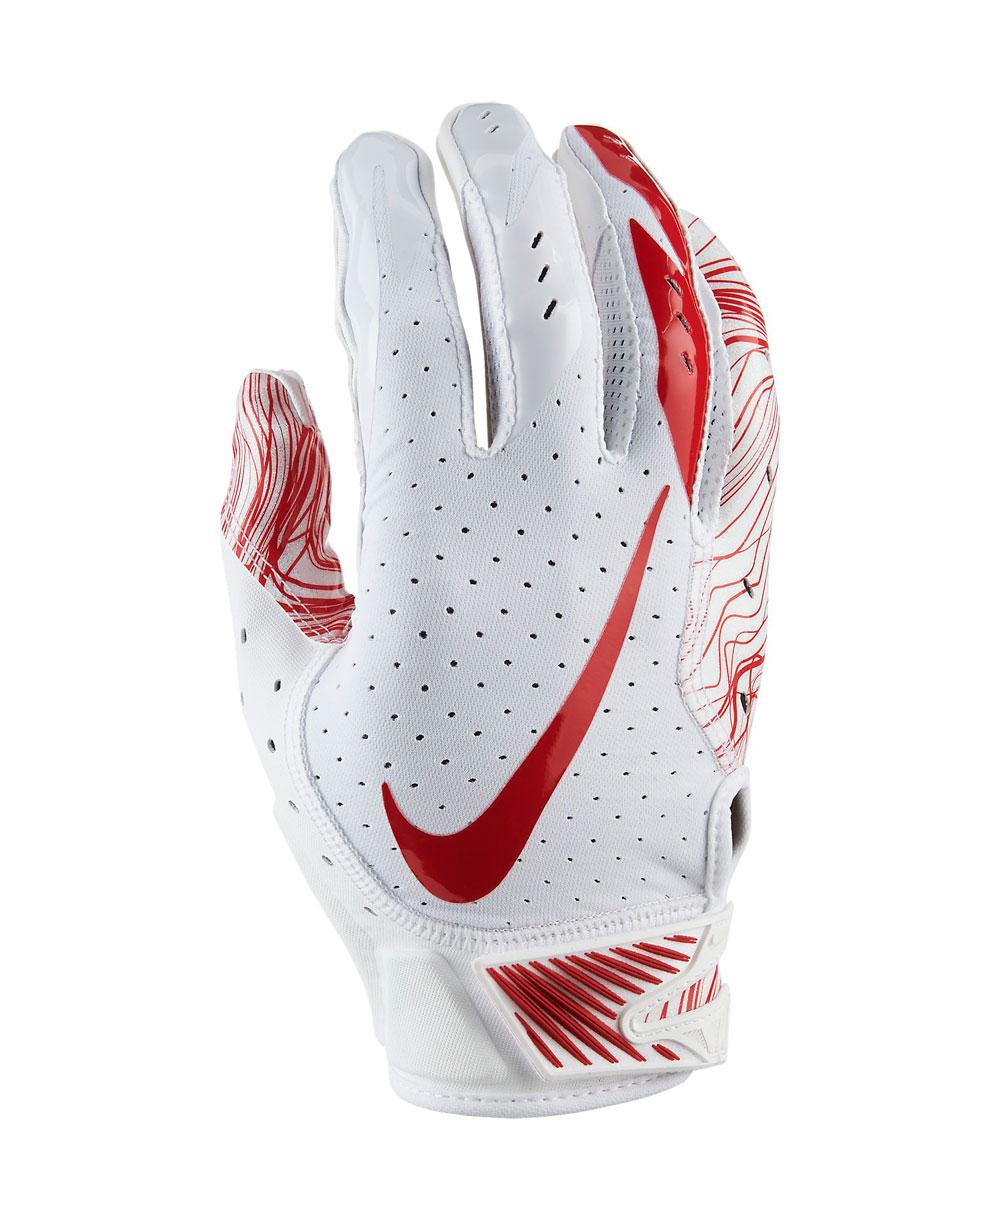 Vapor Jet 5 Herren American Football Handschuhe White/University Red